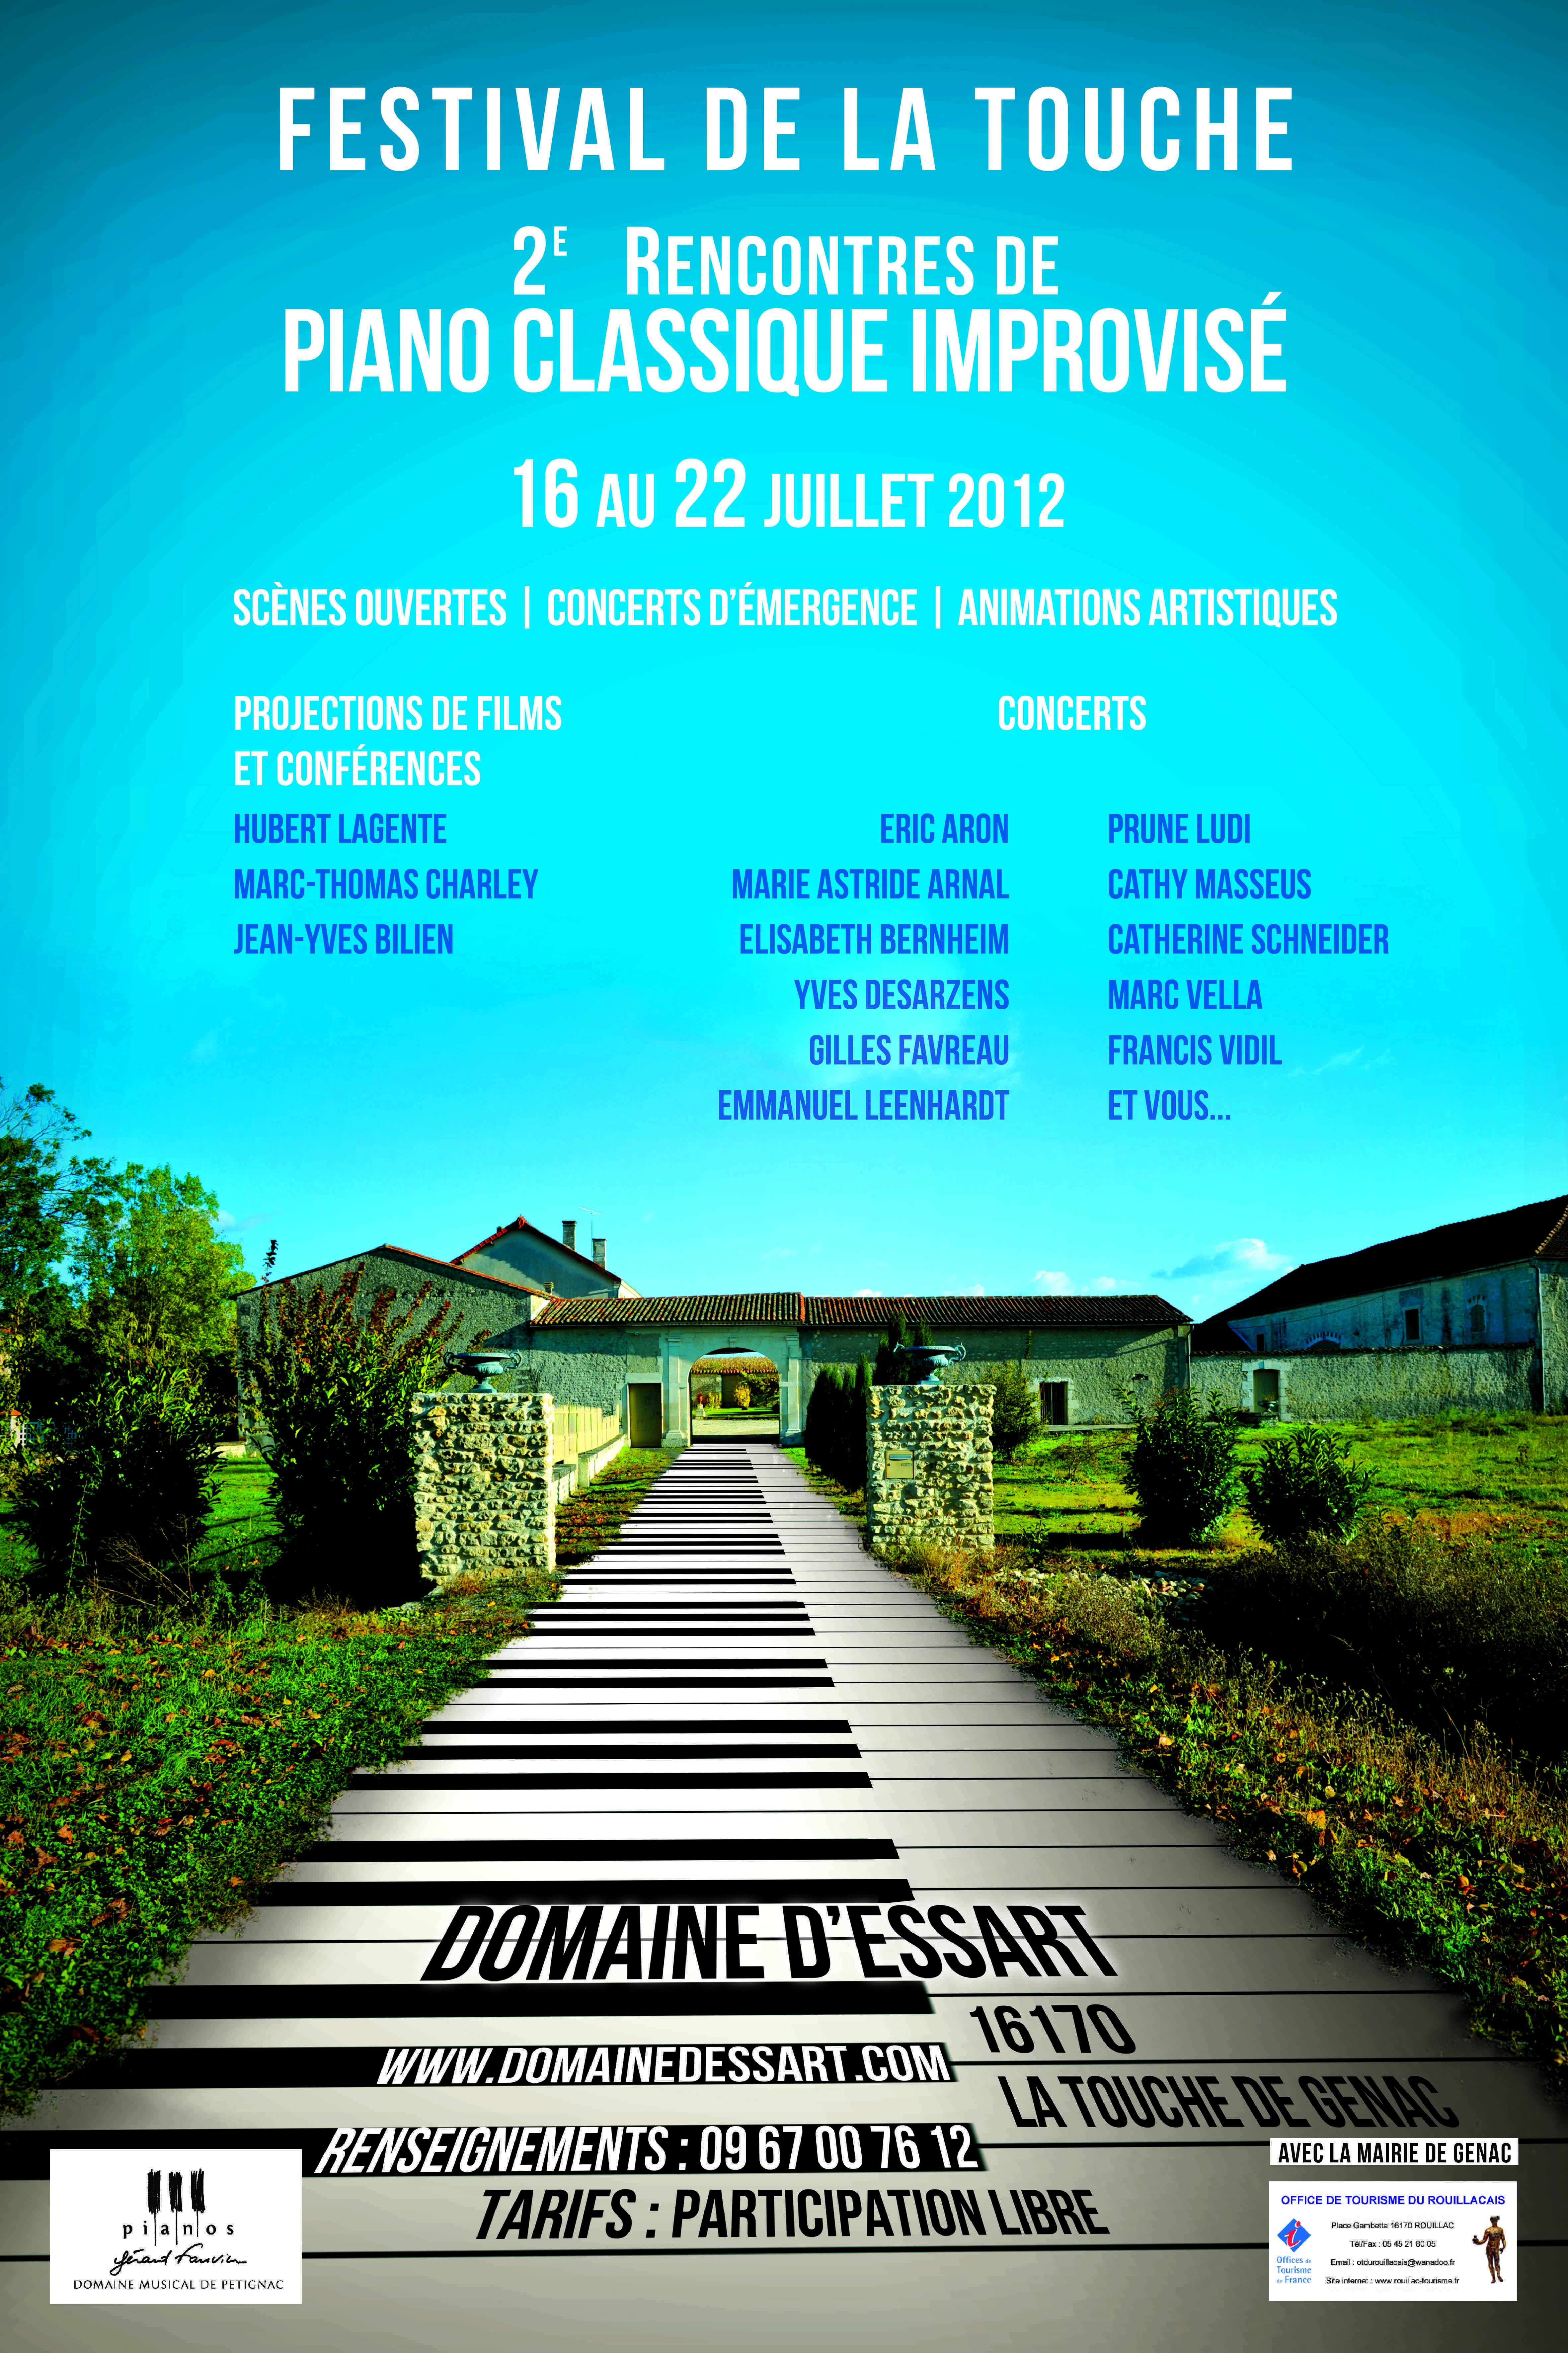 16 au 22 Juillet 2012